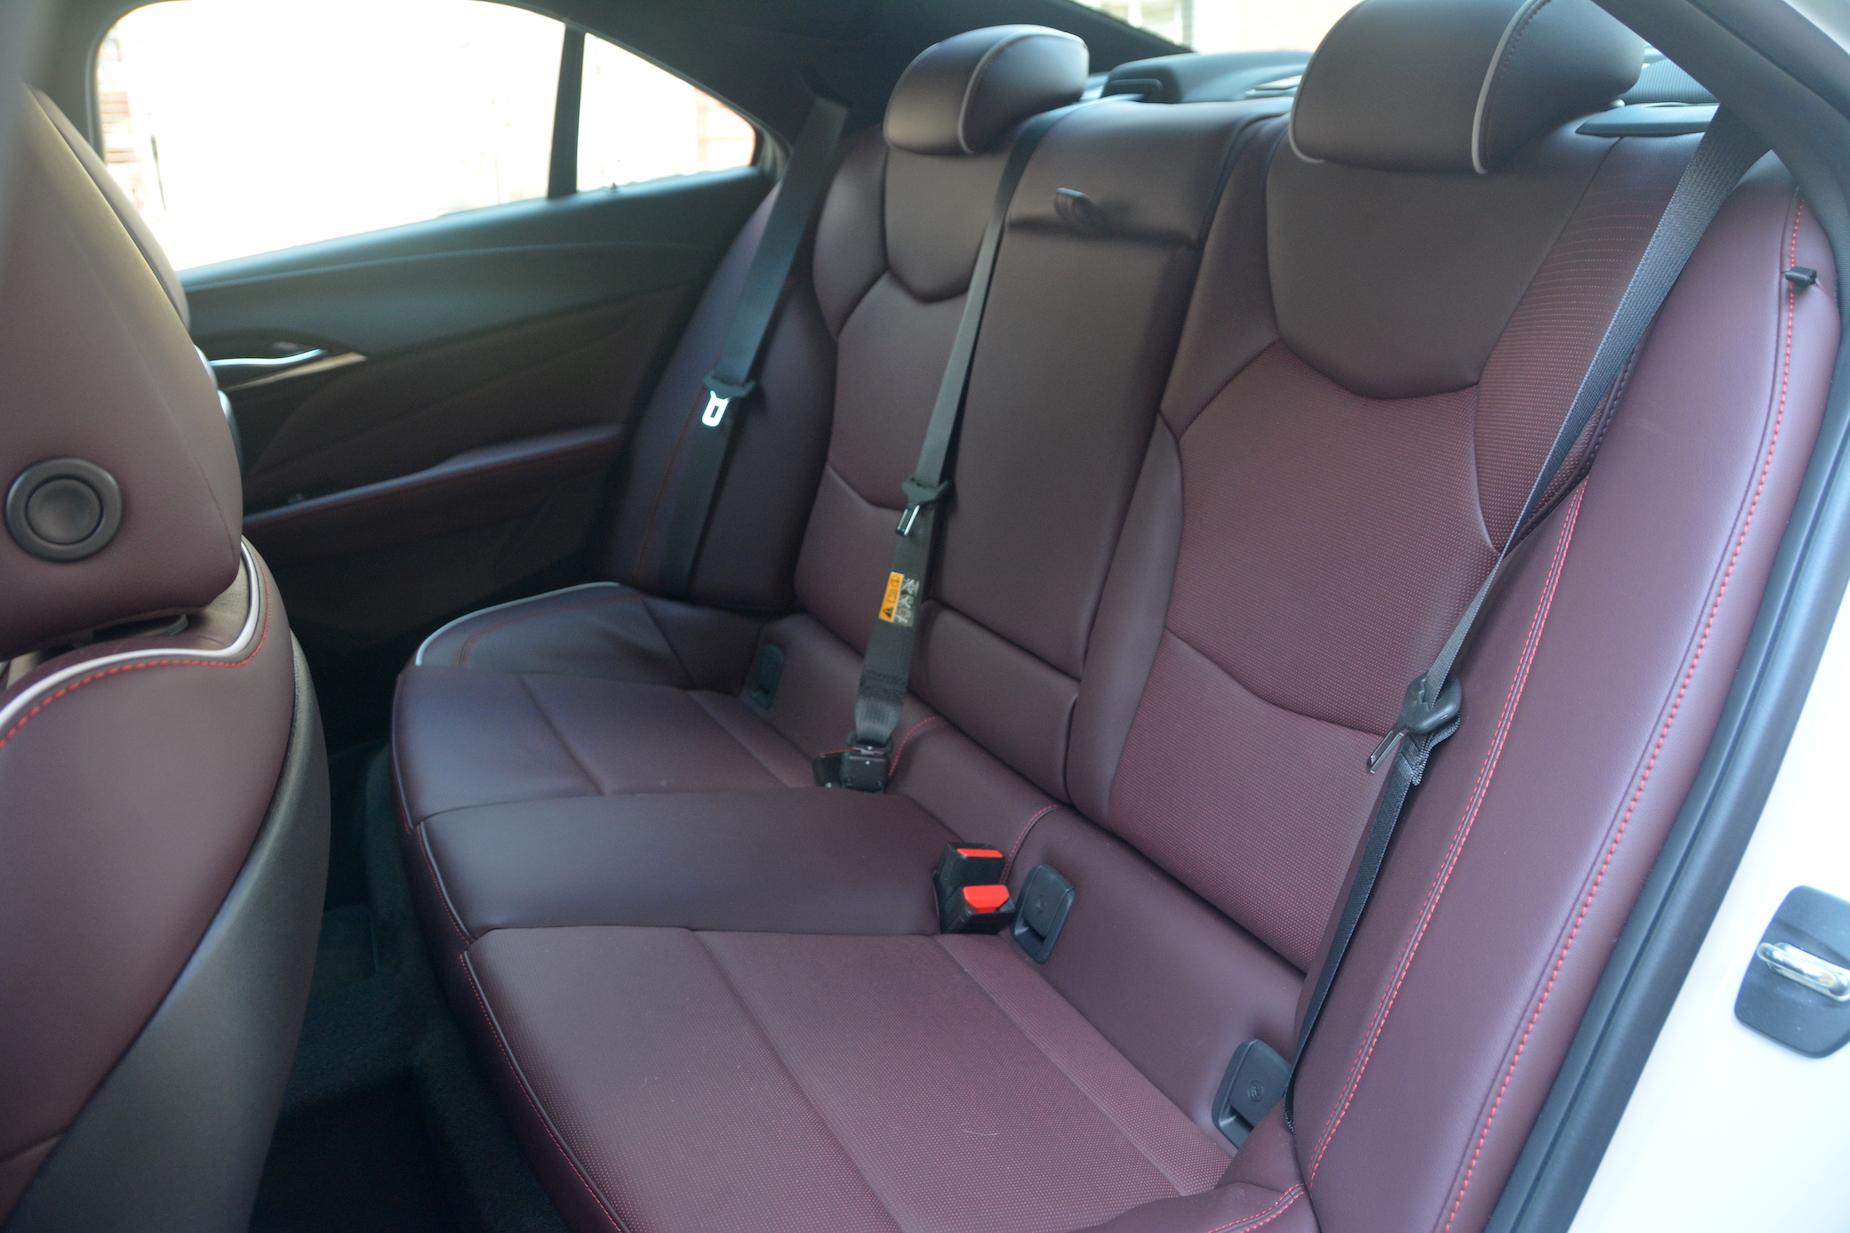 2021 Cadillac CT4-V rear seats